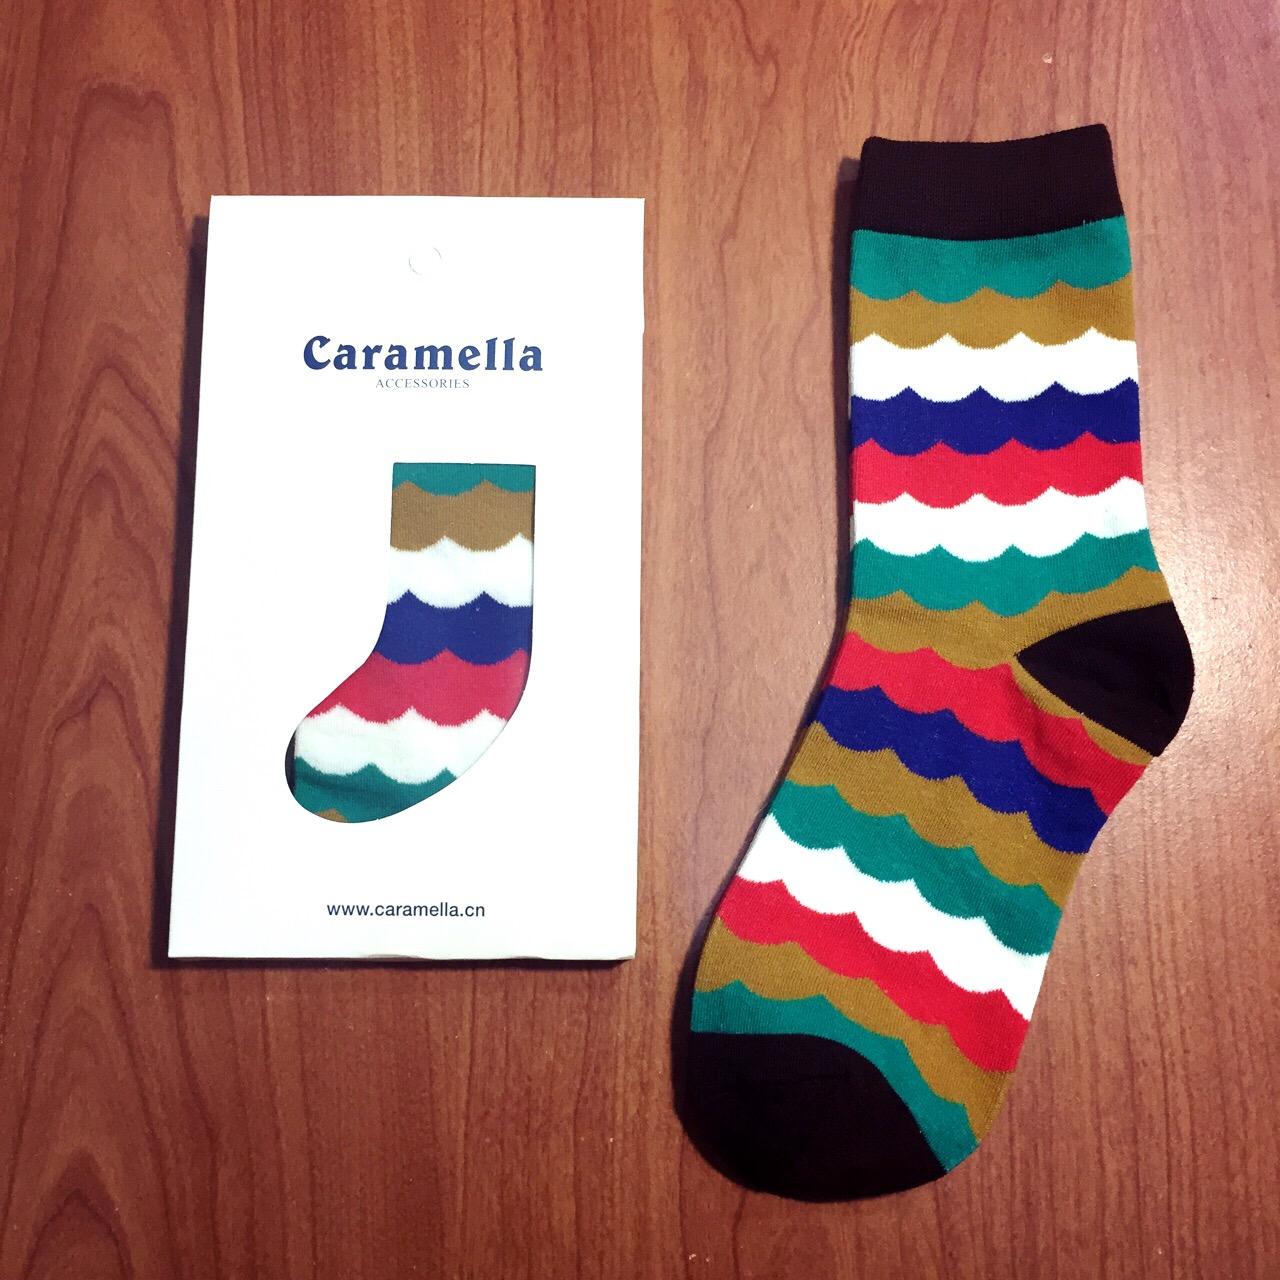 【開幕促銷】Caramella 波浪條紋 中筒襪 短襪 船襪 隱形襪 五指襪 文青情侶 運動穿搭 阿華有事嗎 C0001